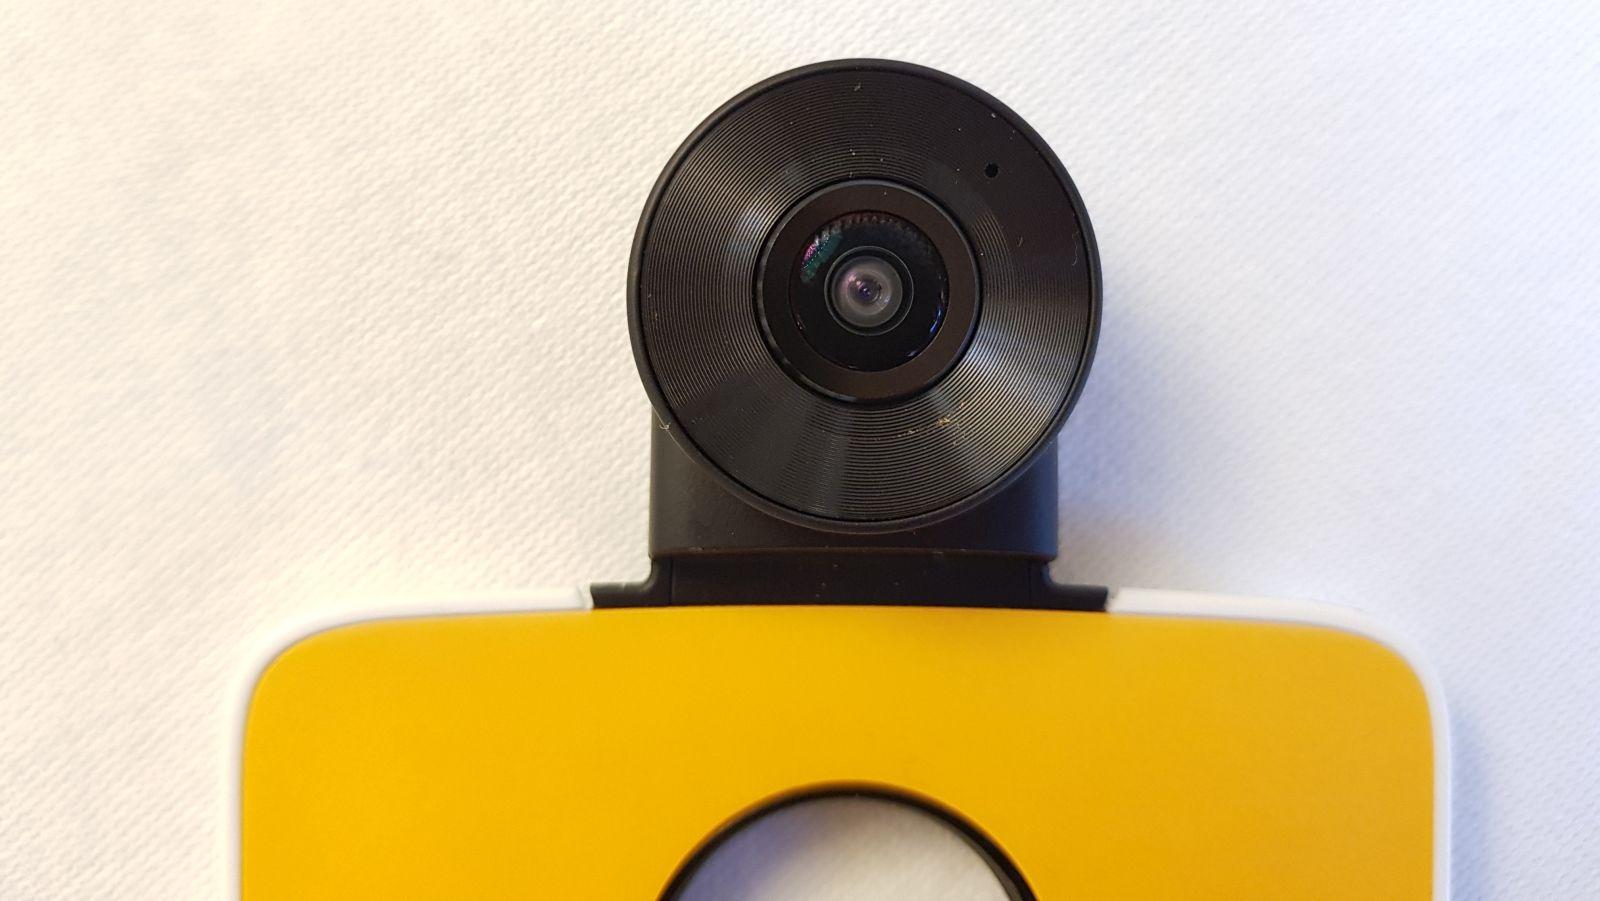 moto z force 360 camera mod 1